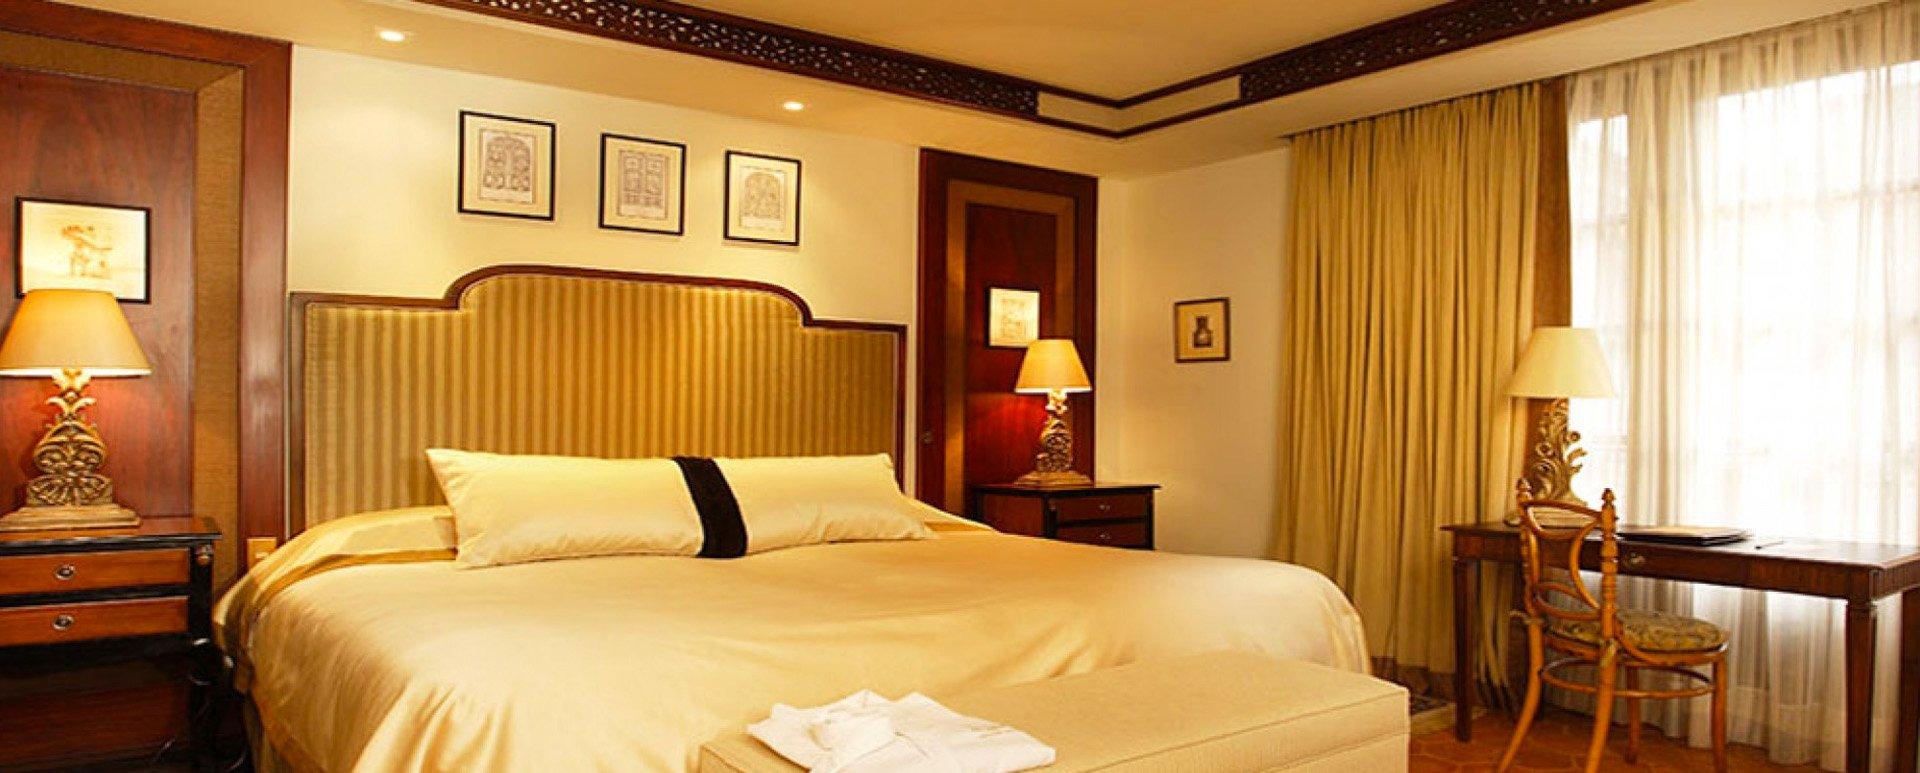 Mansion Alcazar room